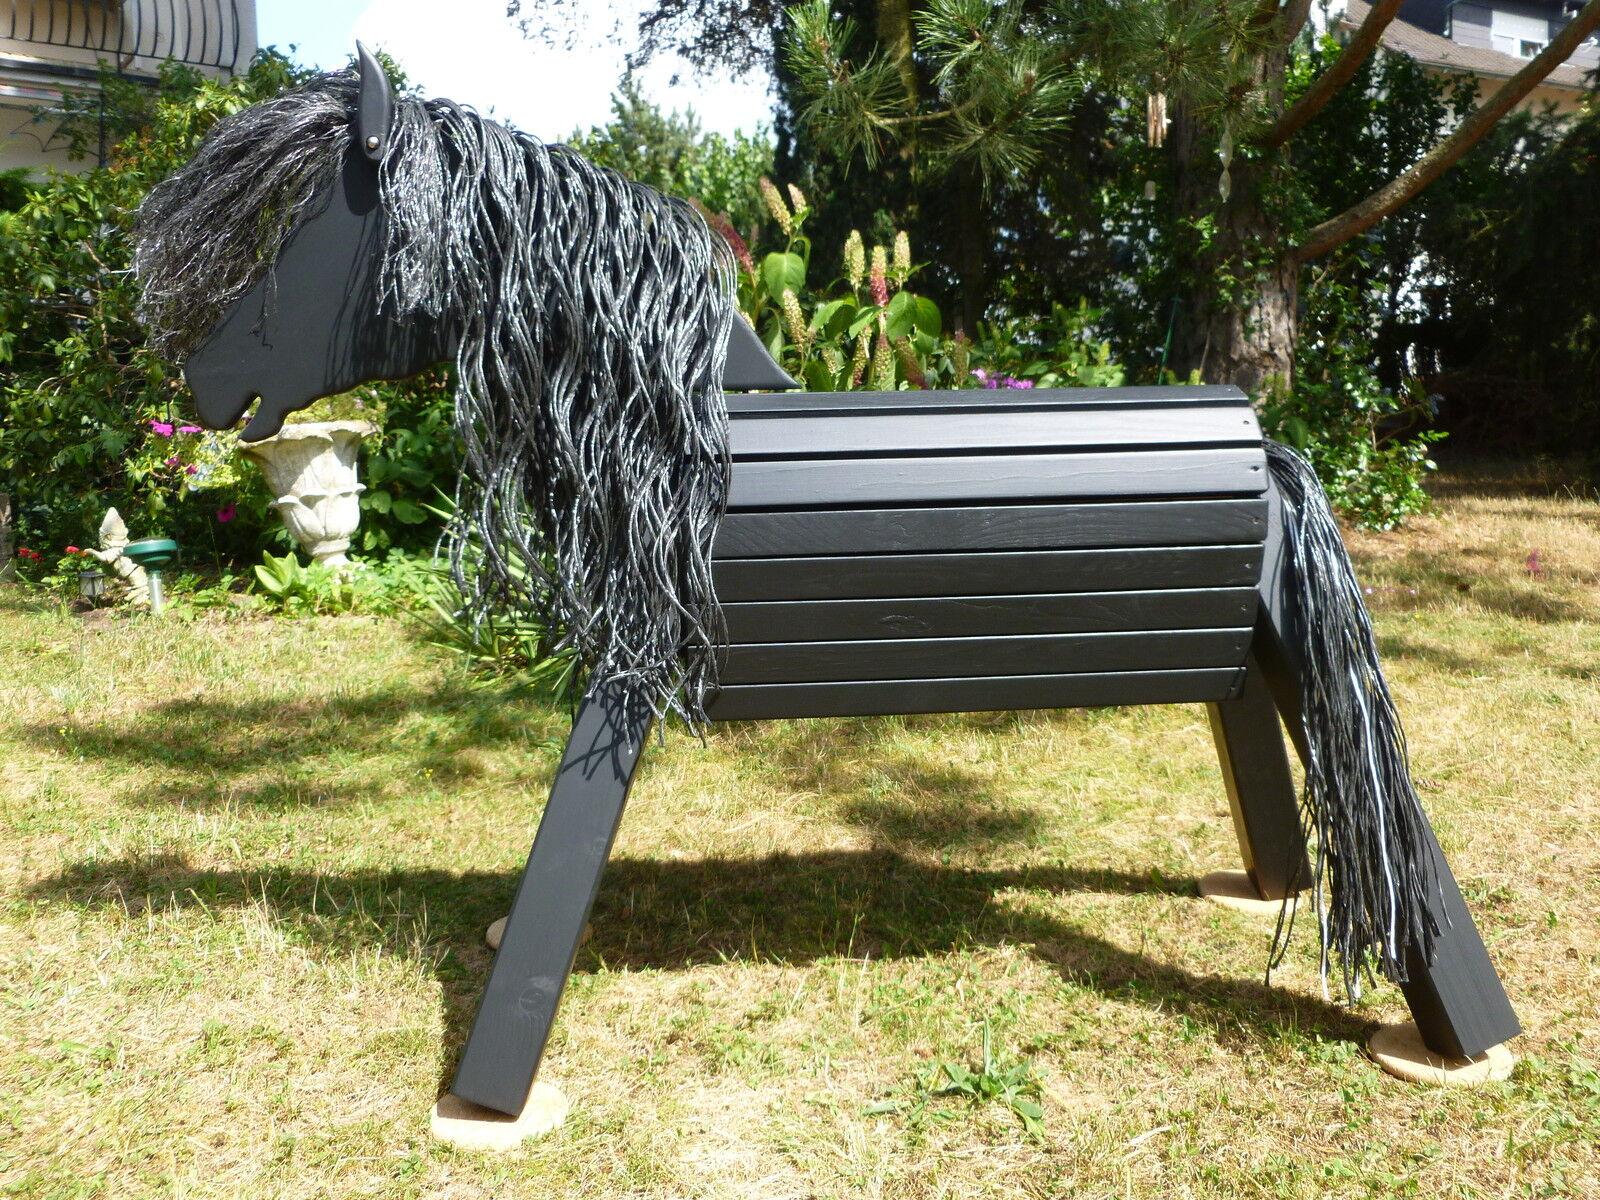 60cm Holzpferd Holzpony Voltigierpferd Pferd Spielpferd Rappe mit Maul NEU